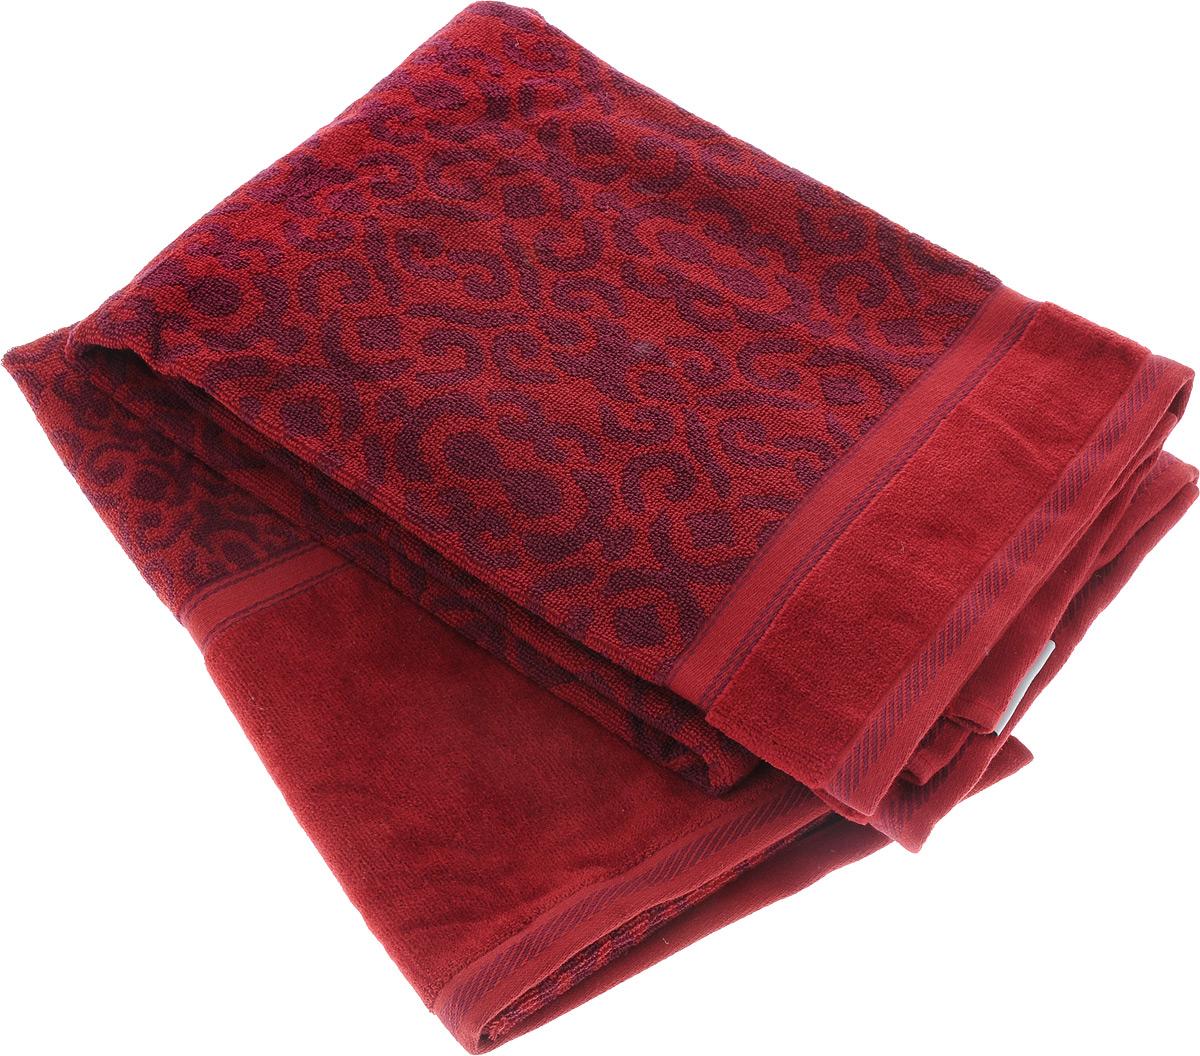 Набор махровых полотенец Toalla Флора, цвет: бордовый, фиолетовый, 2 шт68/5/4Набор Toalla Флора состоит из 2 прямоугольных махровых полотенец, выполненных из 100% хлопка. Ткань полотенец обладает высокой плотностью и мягкостью, отличается высоким качеством и длительным сроком службы. В процессе эксплуатации материал становится только мягче и приятней на ощупь. Египетский хлопок не содержит линта (хлопковый пух), поэтому на ткани не образуются катышки даже после многократных стирок и длительного использования. Сверхдлинные волокна придают ткани характерный красивый блеск. Полотенца отлично впитывают влагу и быстро сохнут. Такой набор красиво дополнит интерьер ванной комнаты и станет практичным приобретением. Полотенца оформлены изысканными узорами.